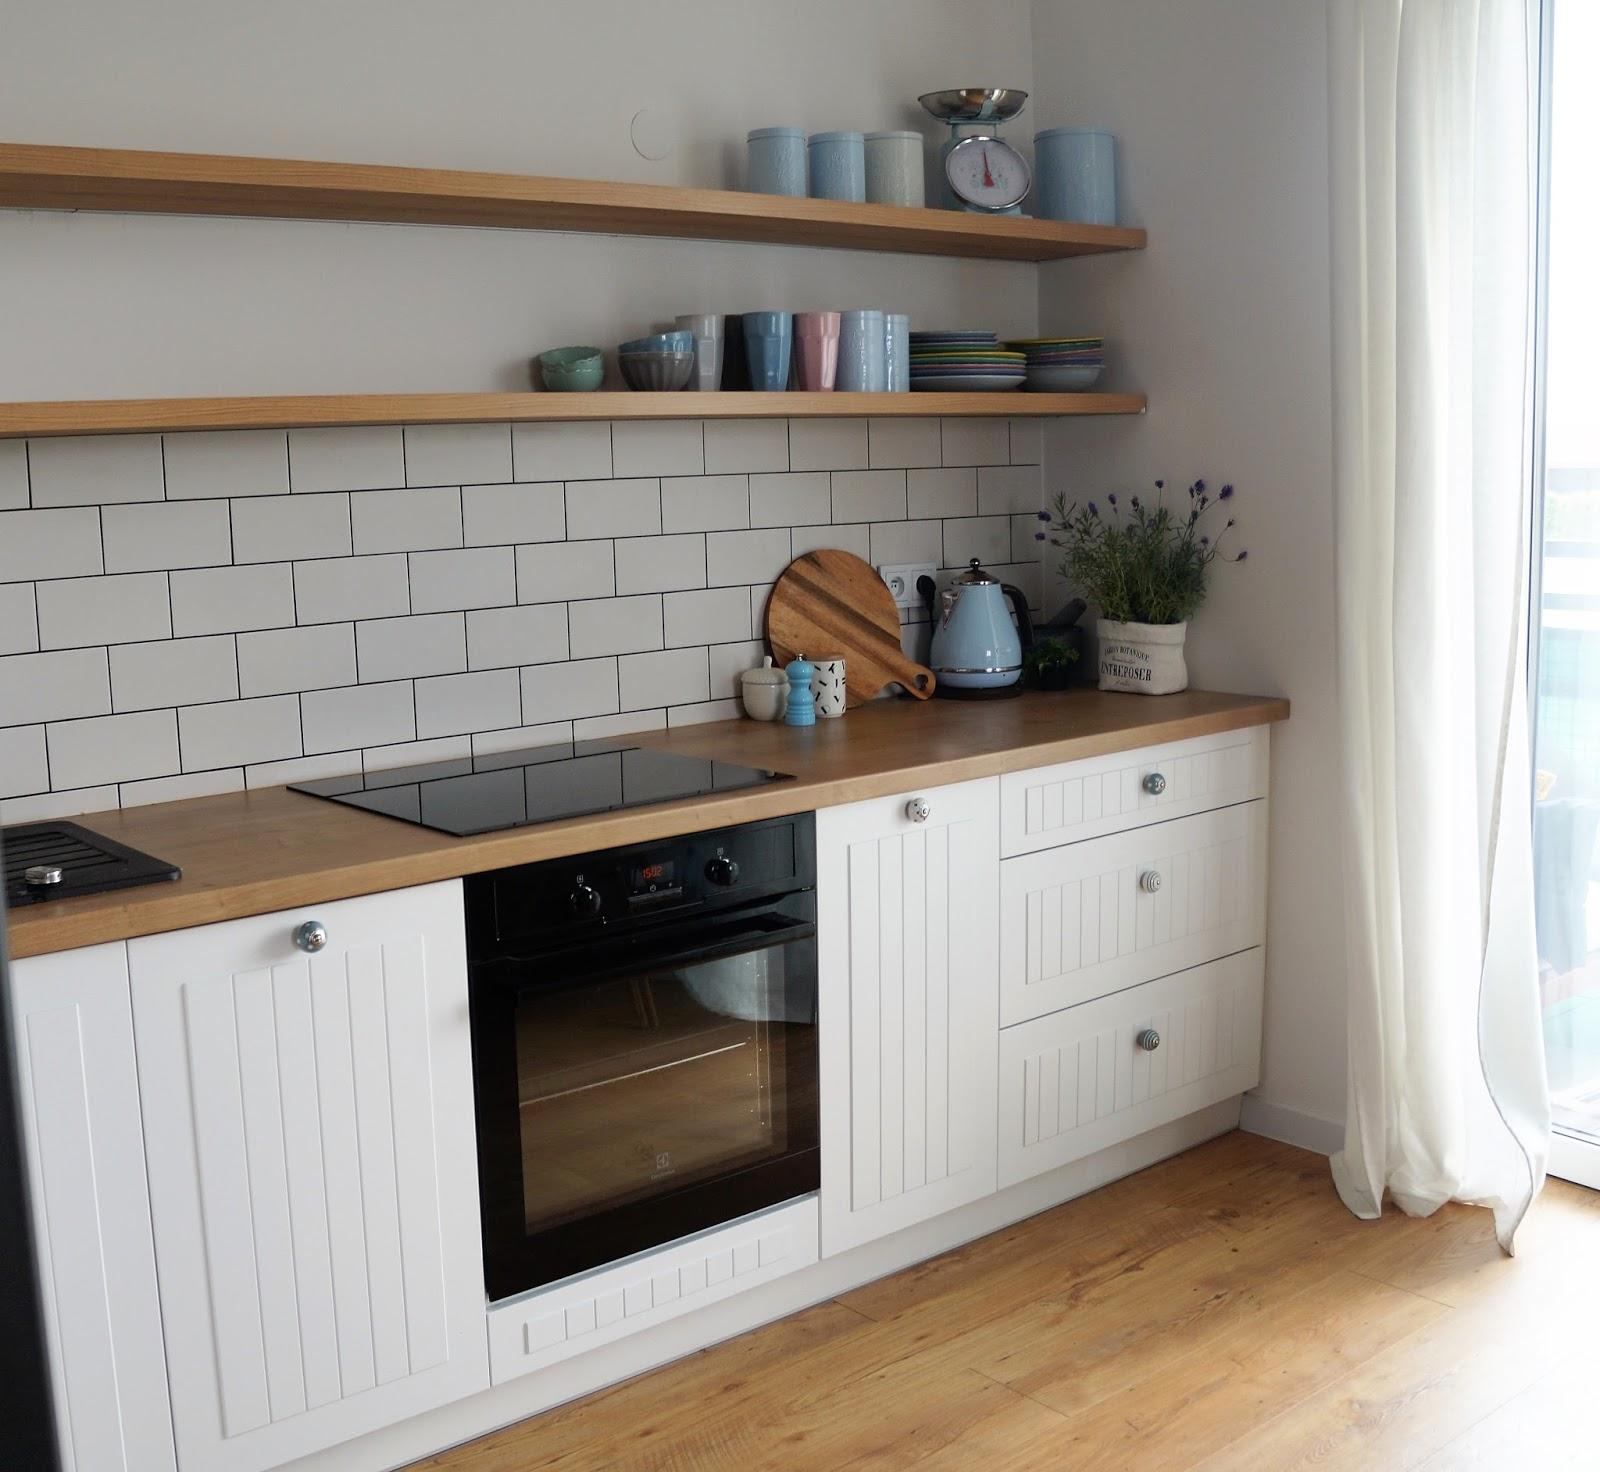 Pani Króliczek Moje mieszkanie kuchnia 71 -> Kuchnia Dla Dzieci Ikea Opinie